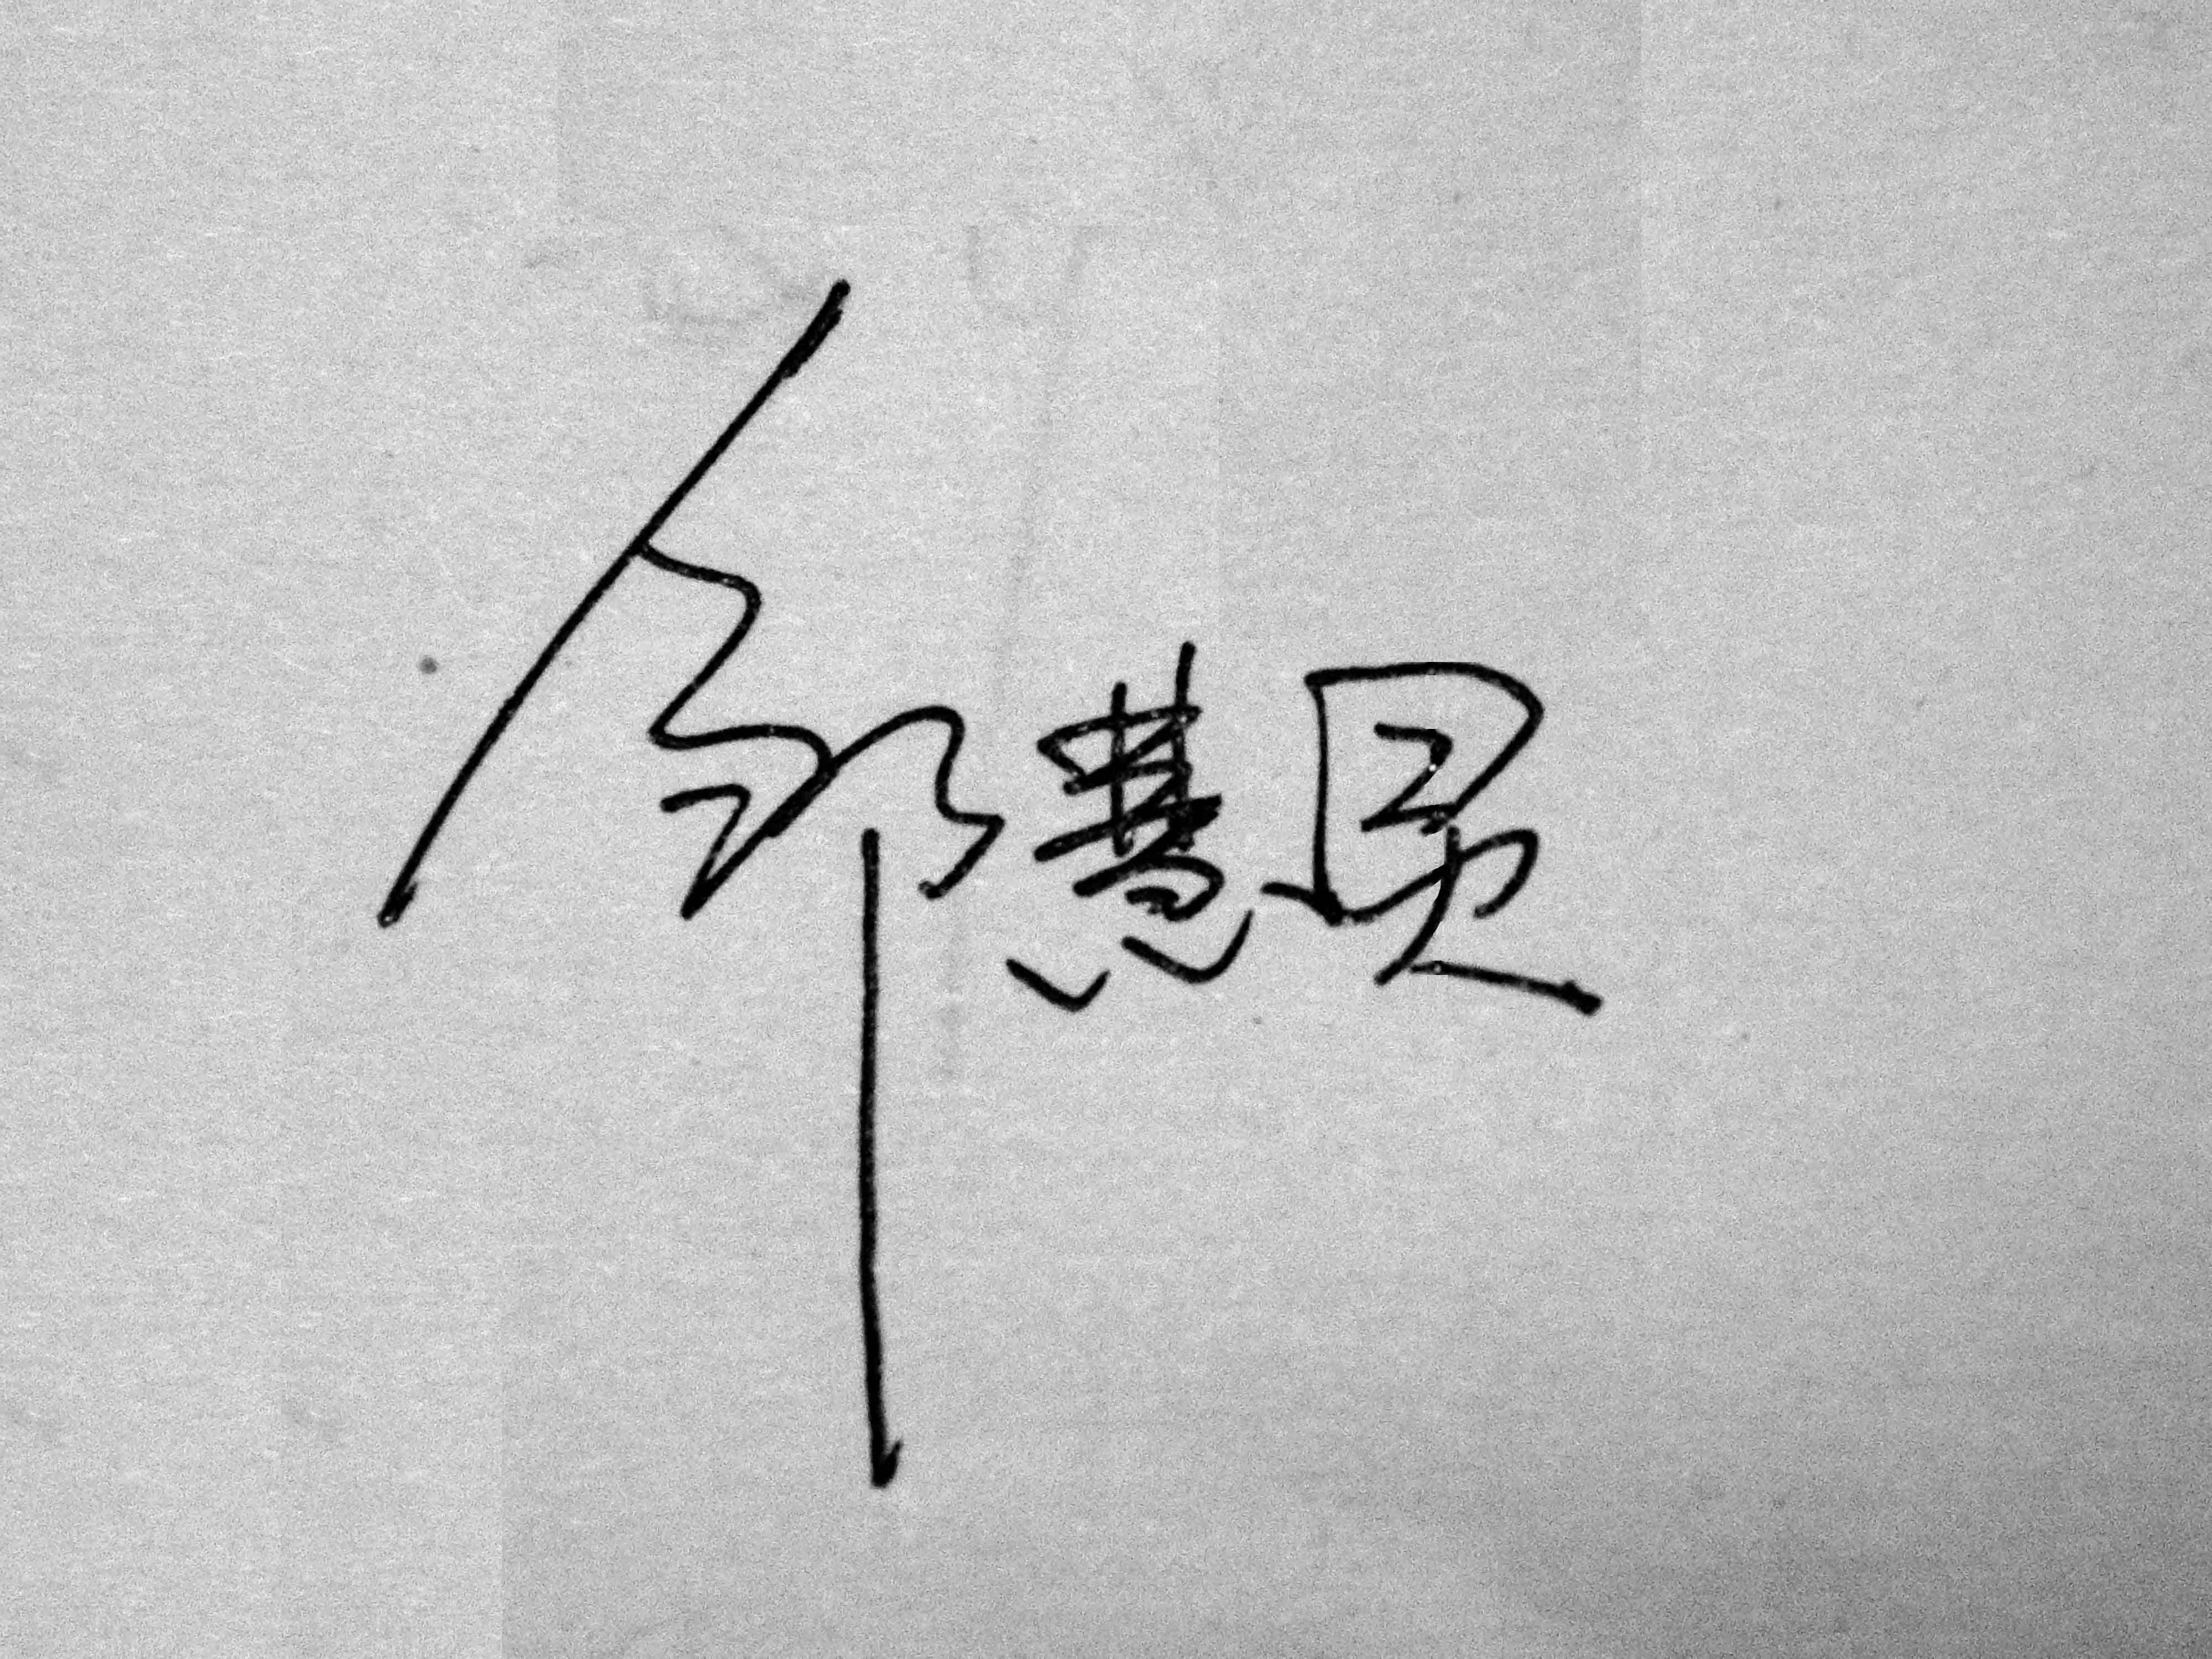 我也想给我自己的名字设计个性签名,庞喜权,谢谢图片